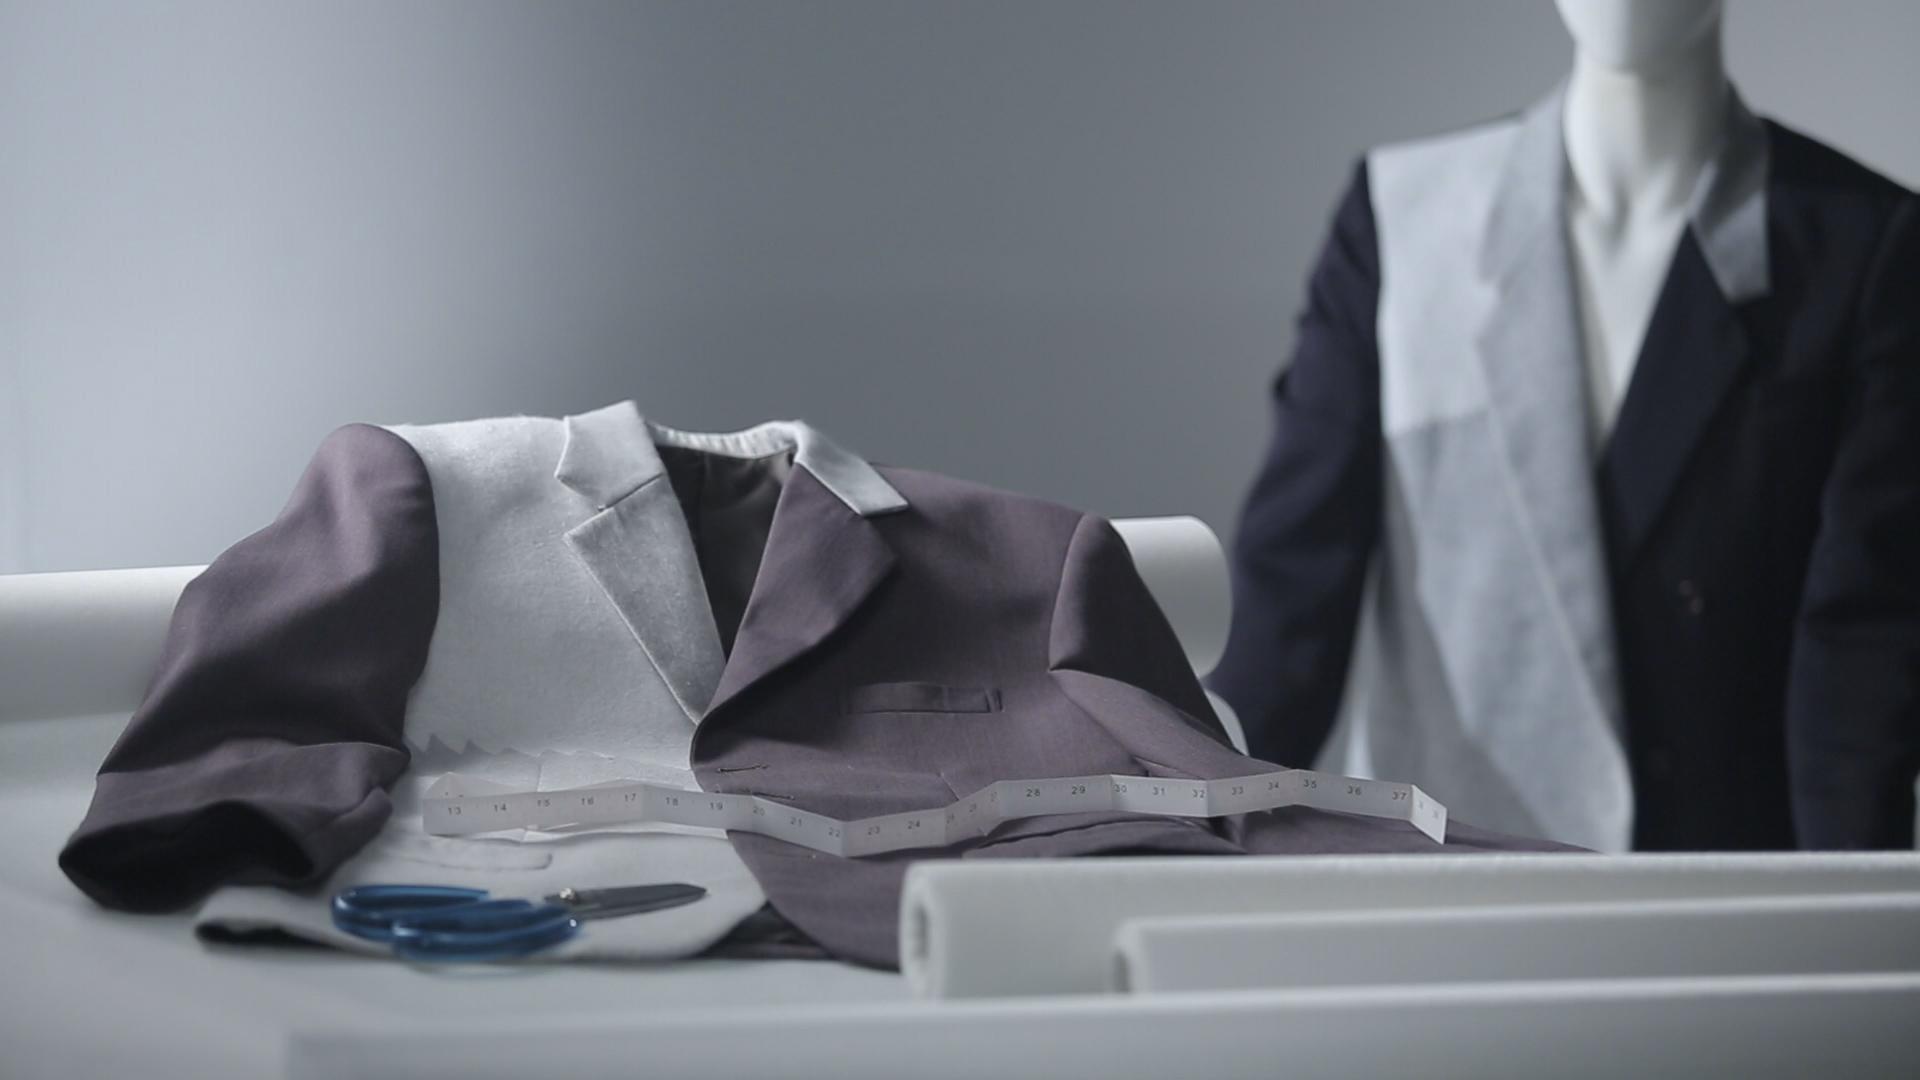 Textile médical non tissé en feutre rond écologique liaison chimique paillettes tissus non tissés